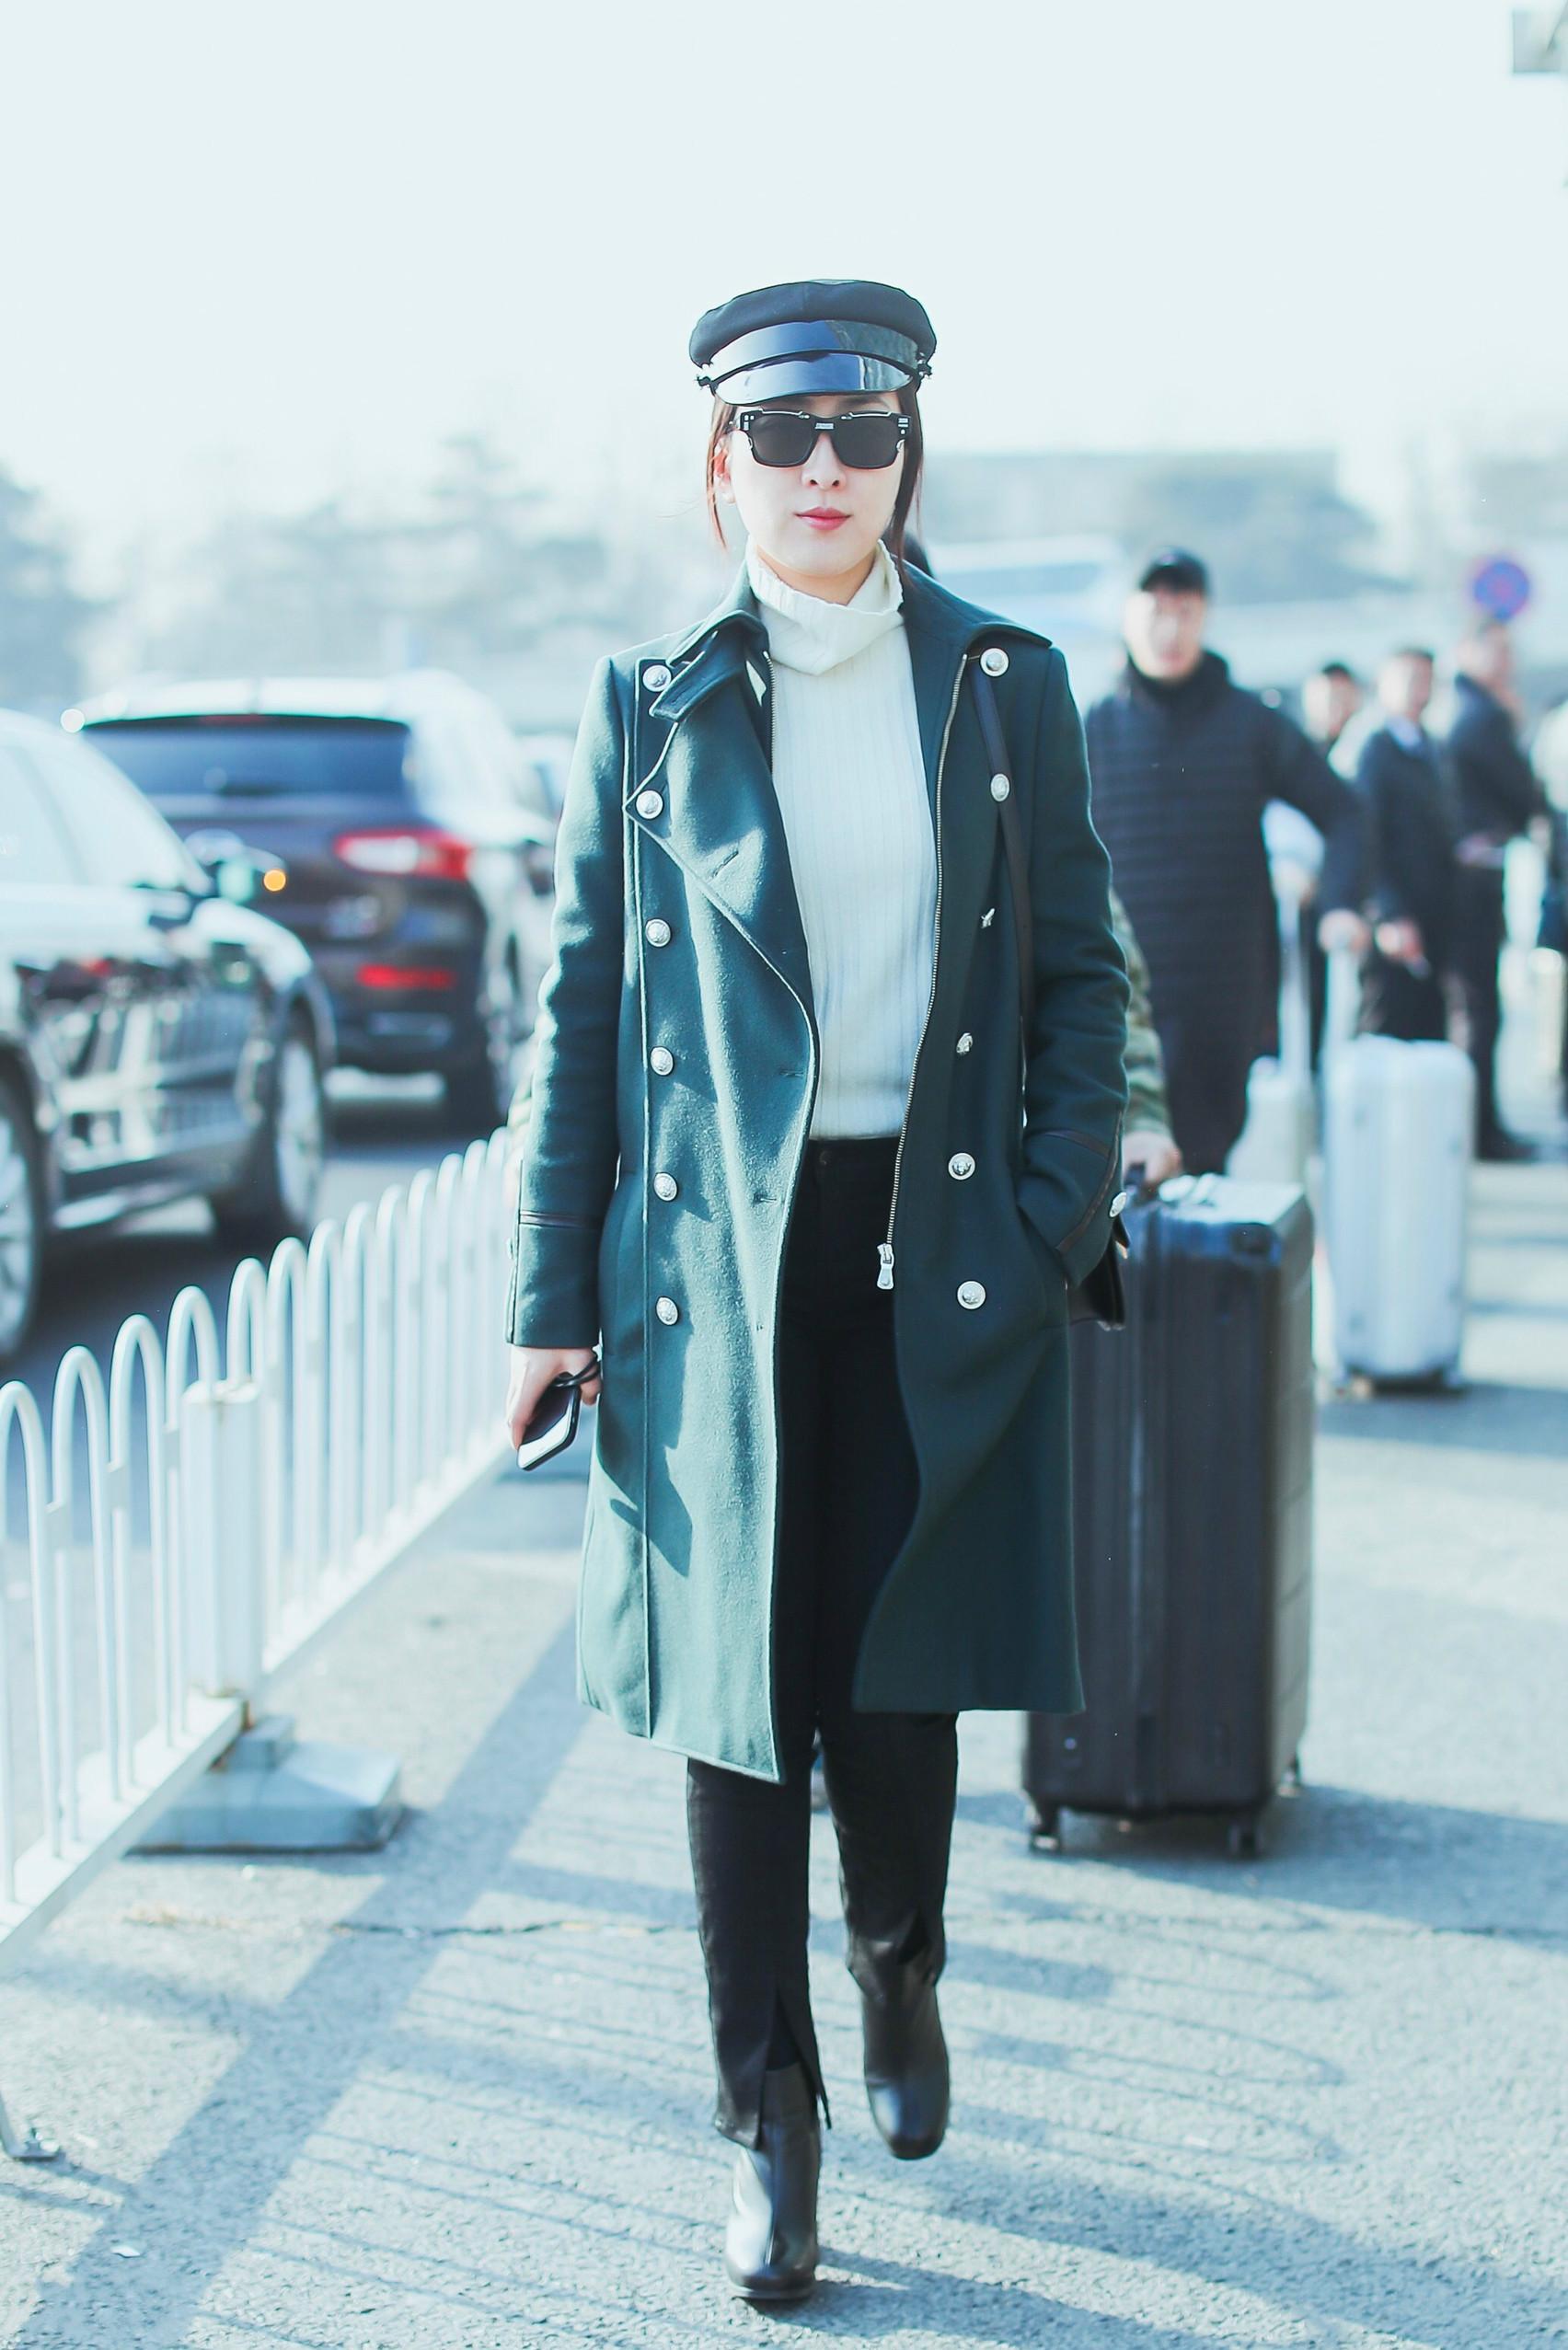 馬蘇美起來真不低調,一襲綠色大衣氣場全開,就算秋褲外露也不醜 形象穿搭 第1張